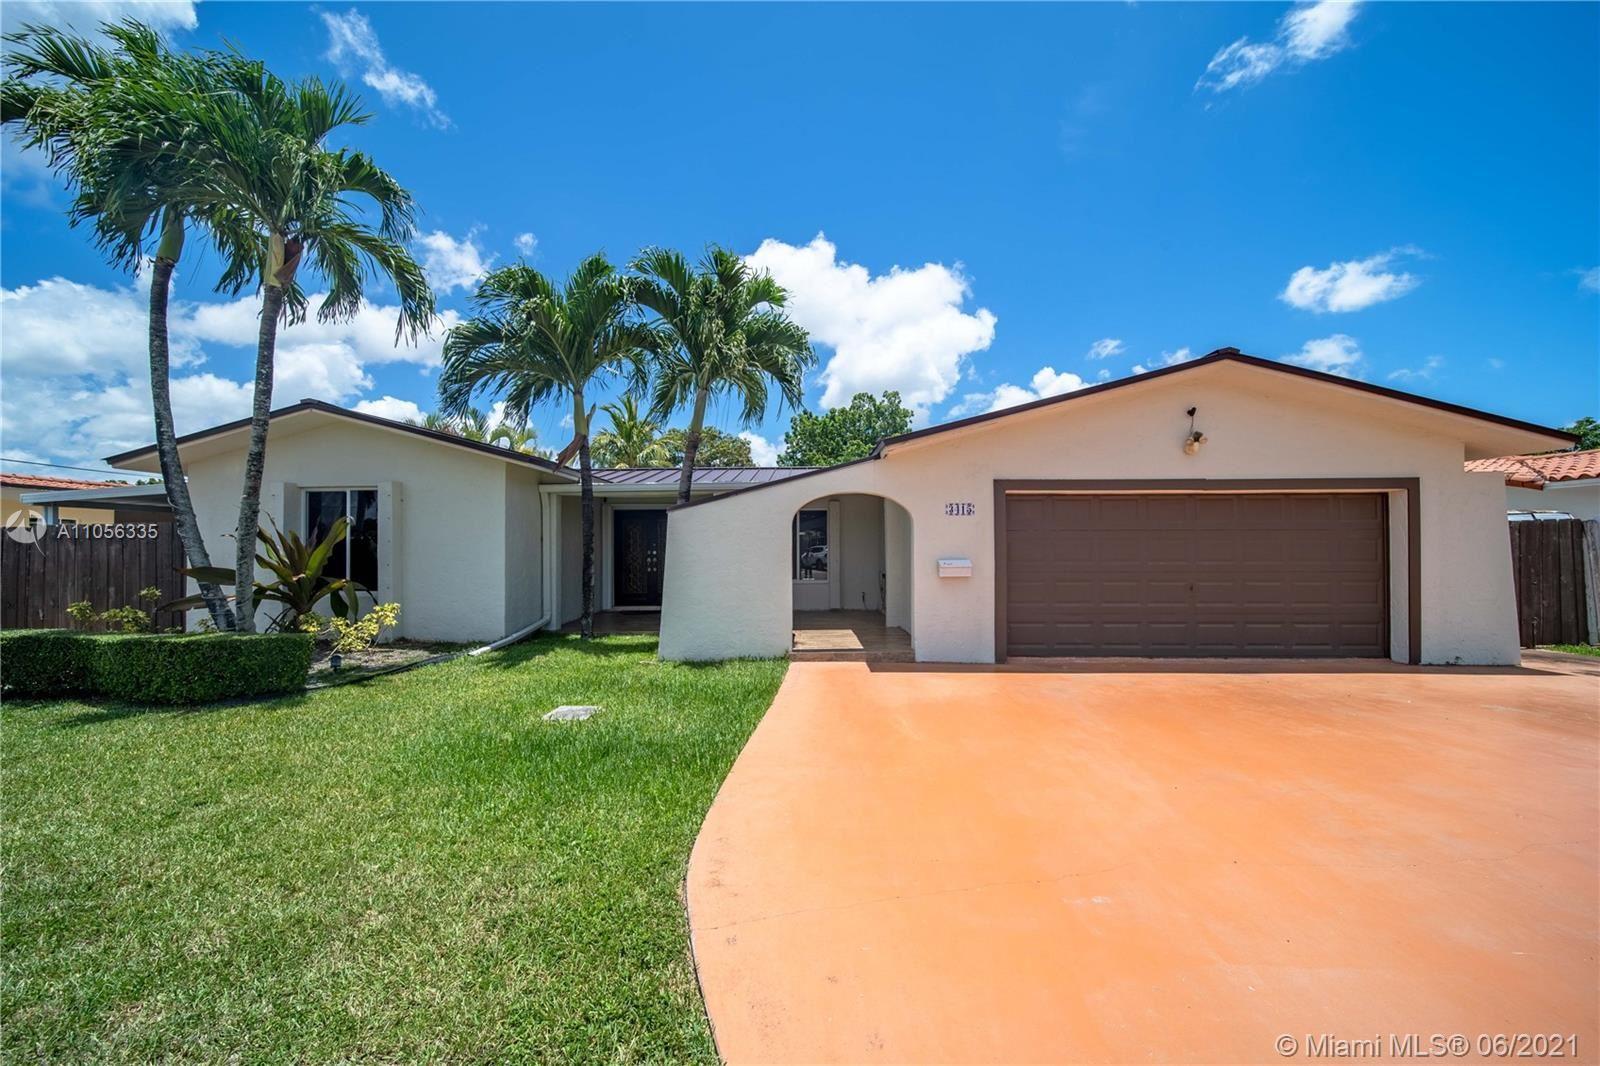 3415 SW 108 CT, Miami, FL 33165 - #: A11056335